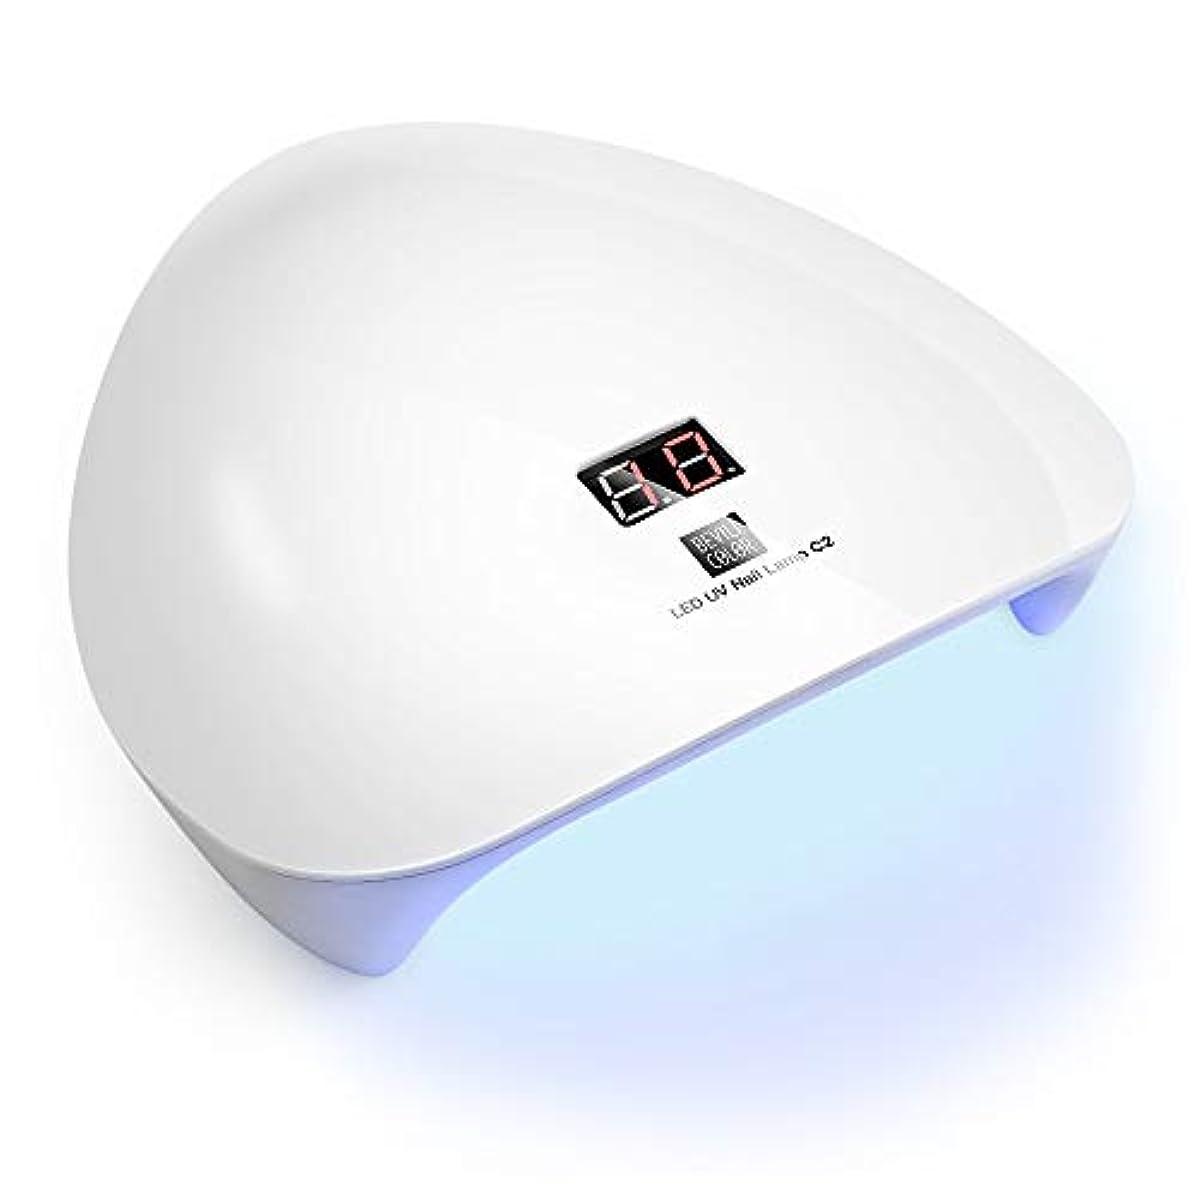 エレベーター教えてオレンジWEVILI ネイル硬化用ライト UVライト LEDライト UVライトネイルドライヤー マニキュア用 LED ネイルドライヤー タイマー機能 自動センサー機能 レジン 便利 (45W 硬化用UVライト)